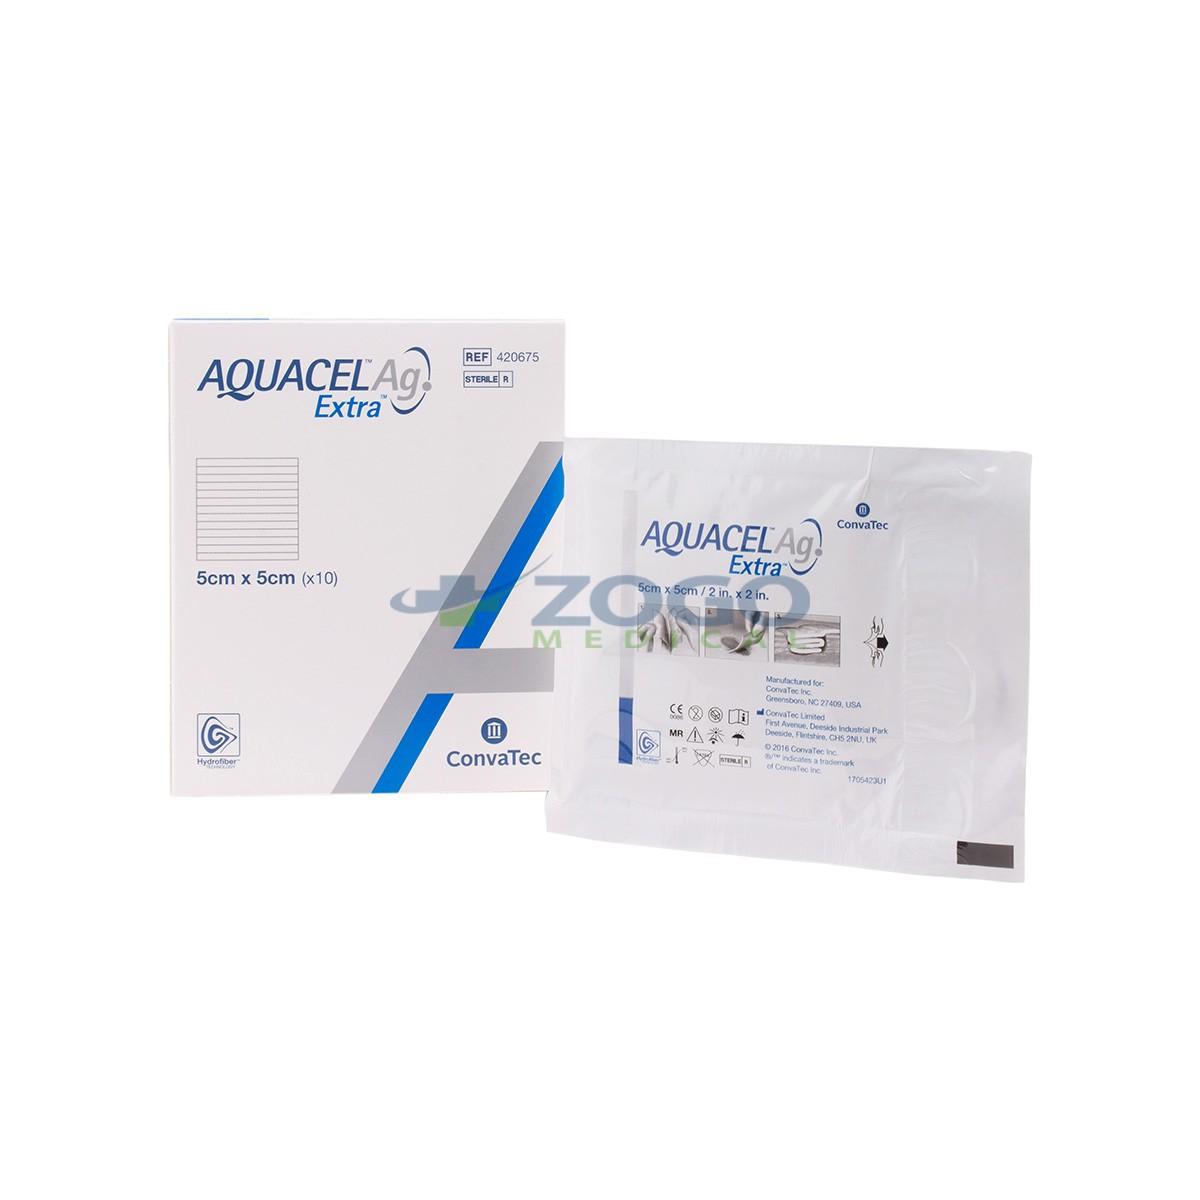 Aquacel Ag Hydrofiber Dressing W Silver 2 X 2 Box Of 10 Ref